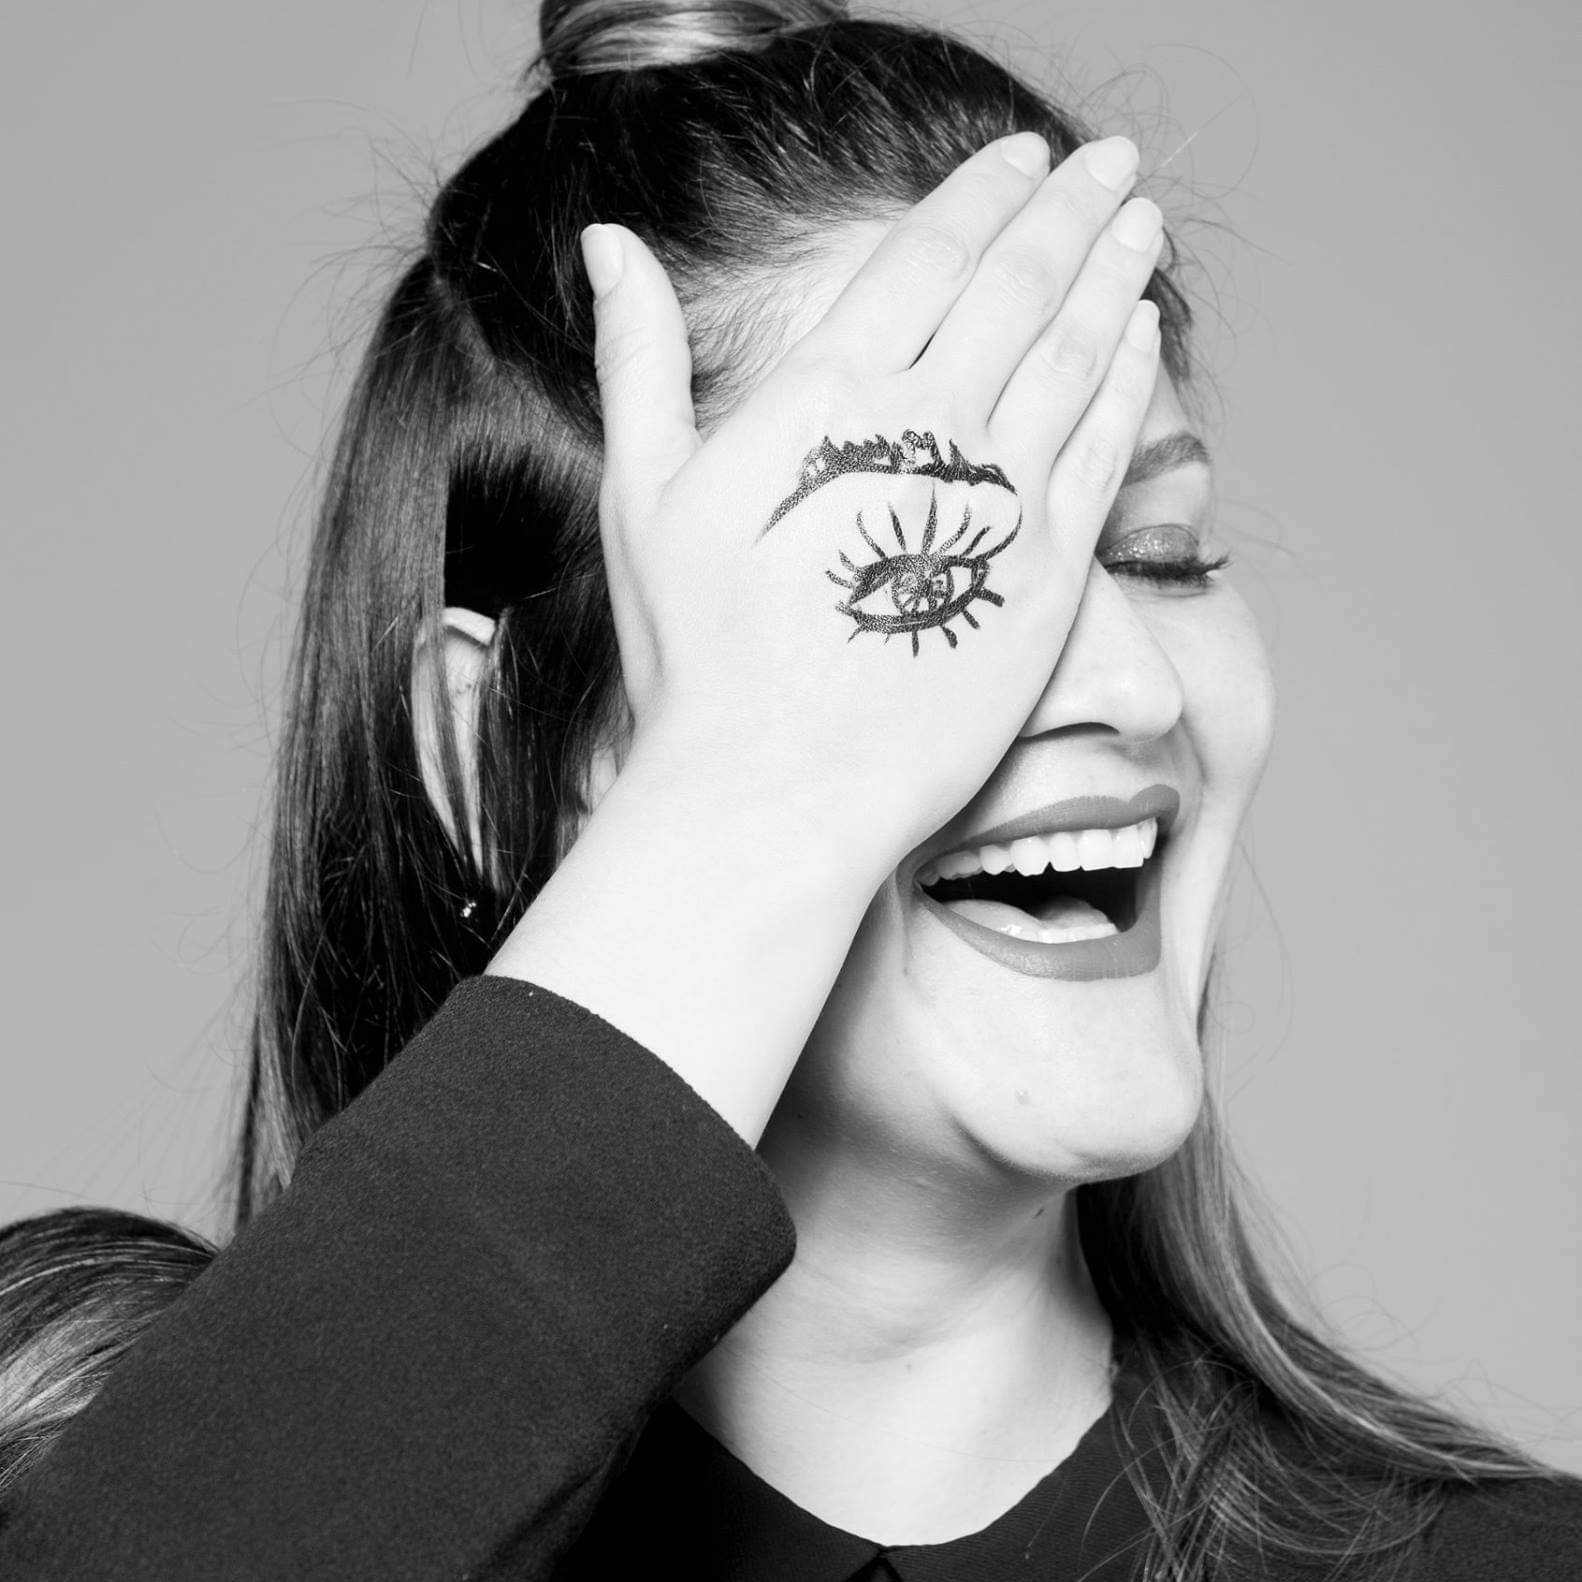 Mónica Godínez: Artista con gran creatividad y profesionalismo